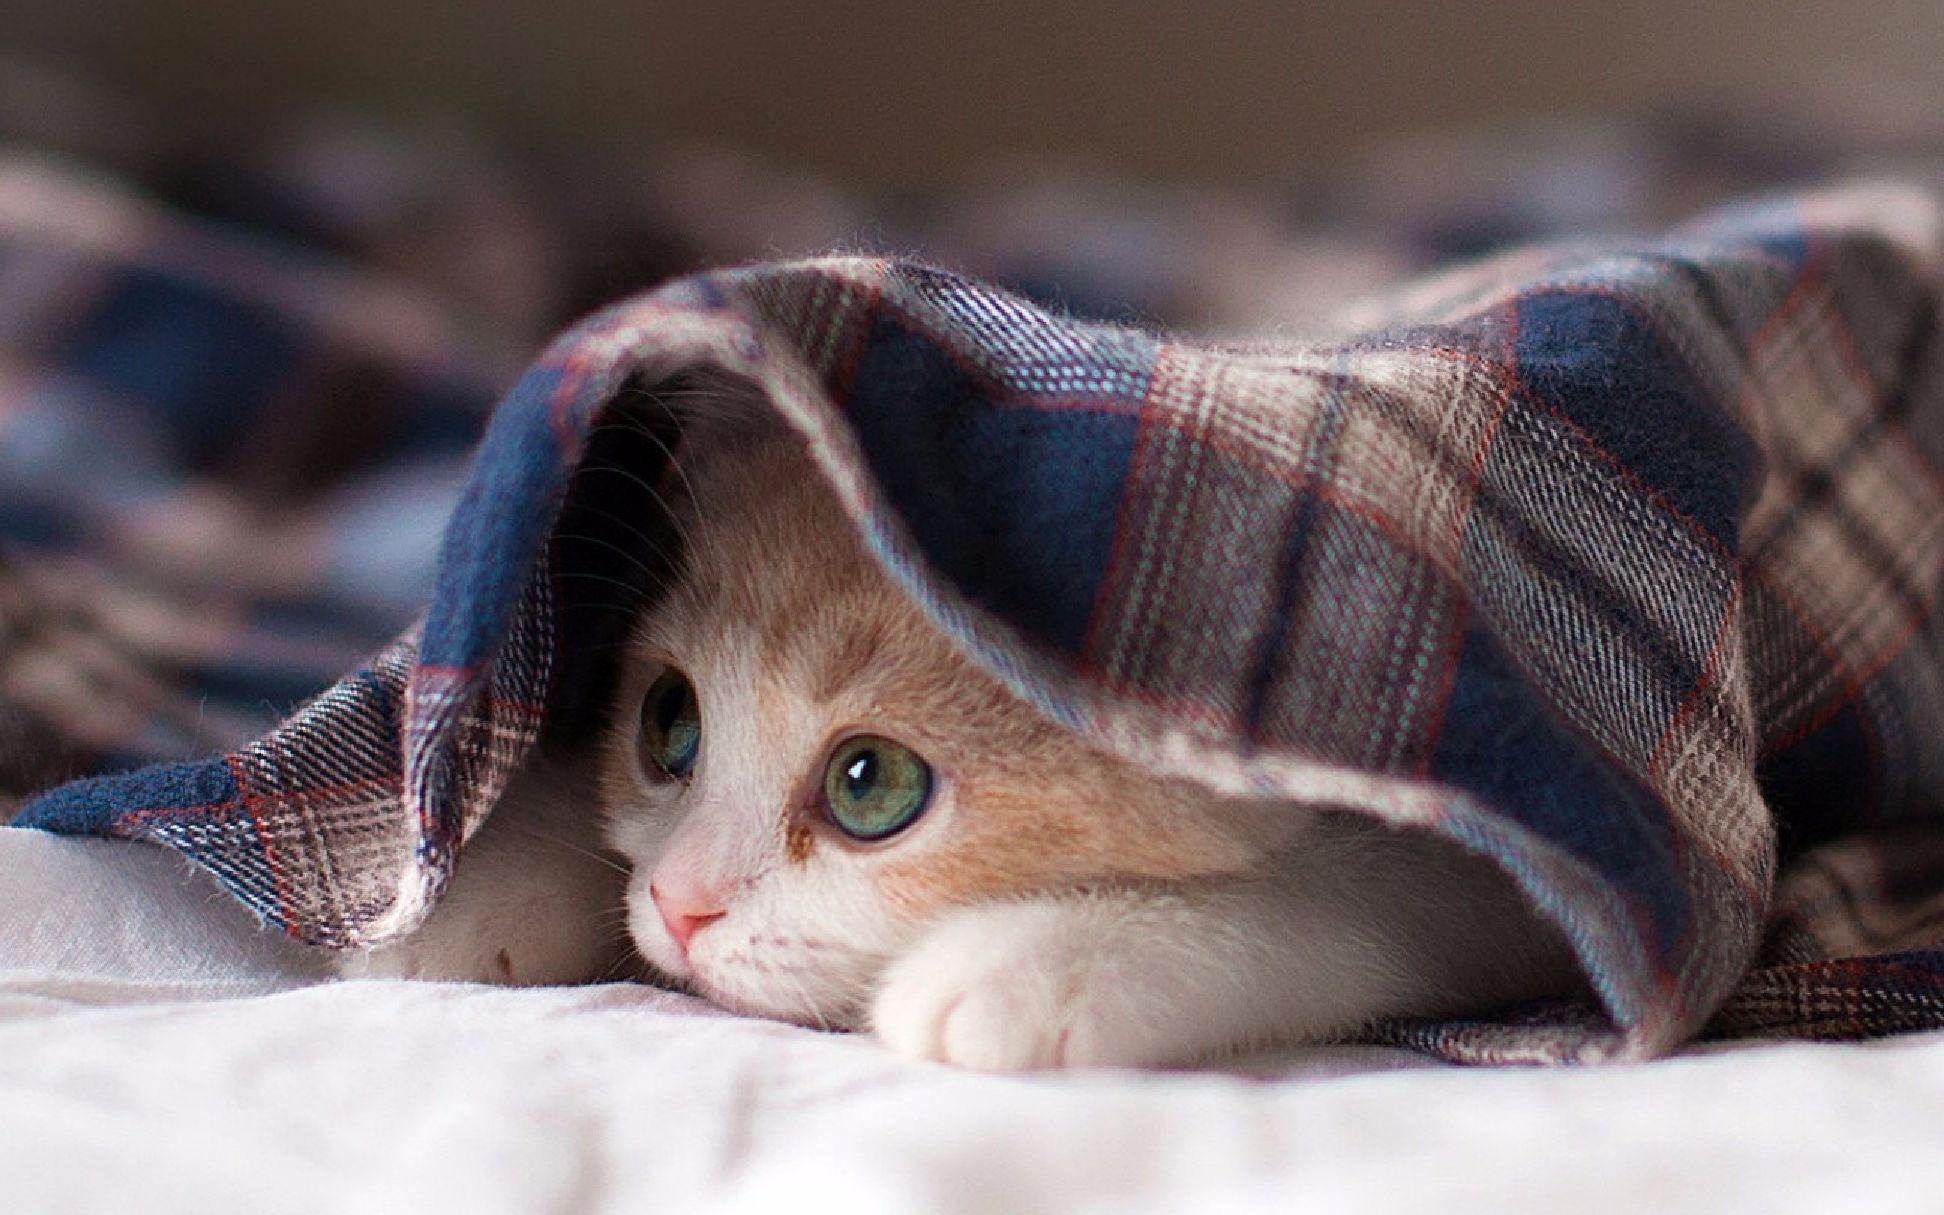 【猫咪】猫咪日常-自娱自乐